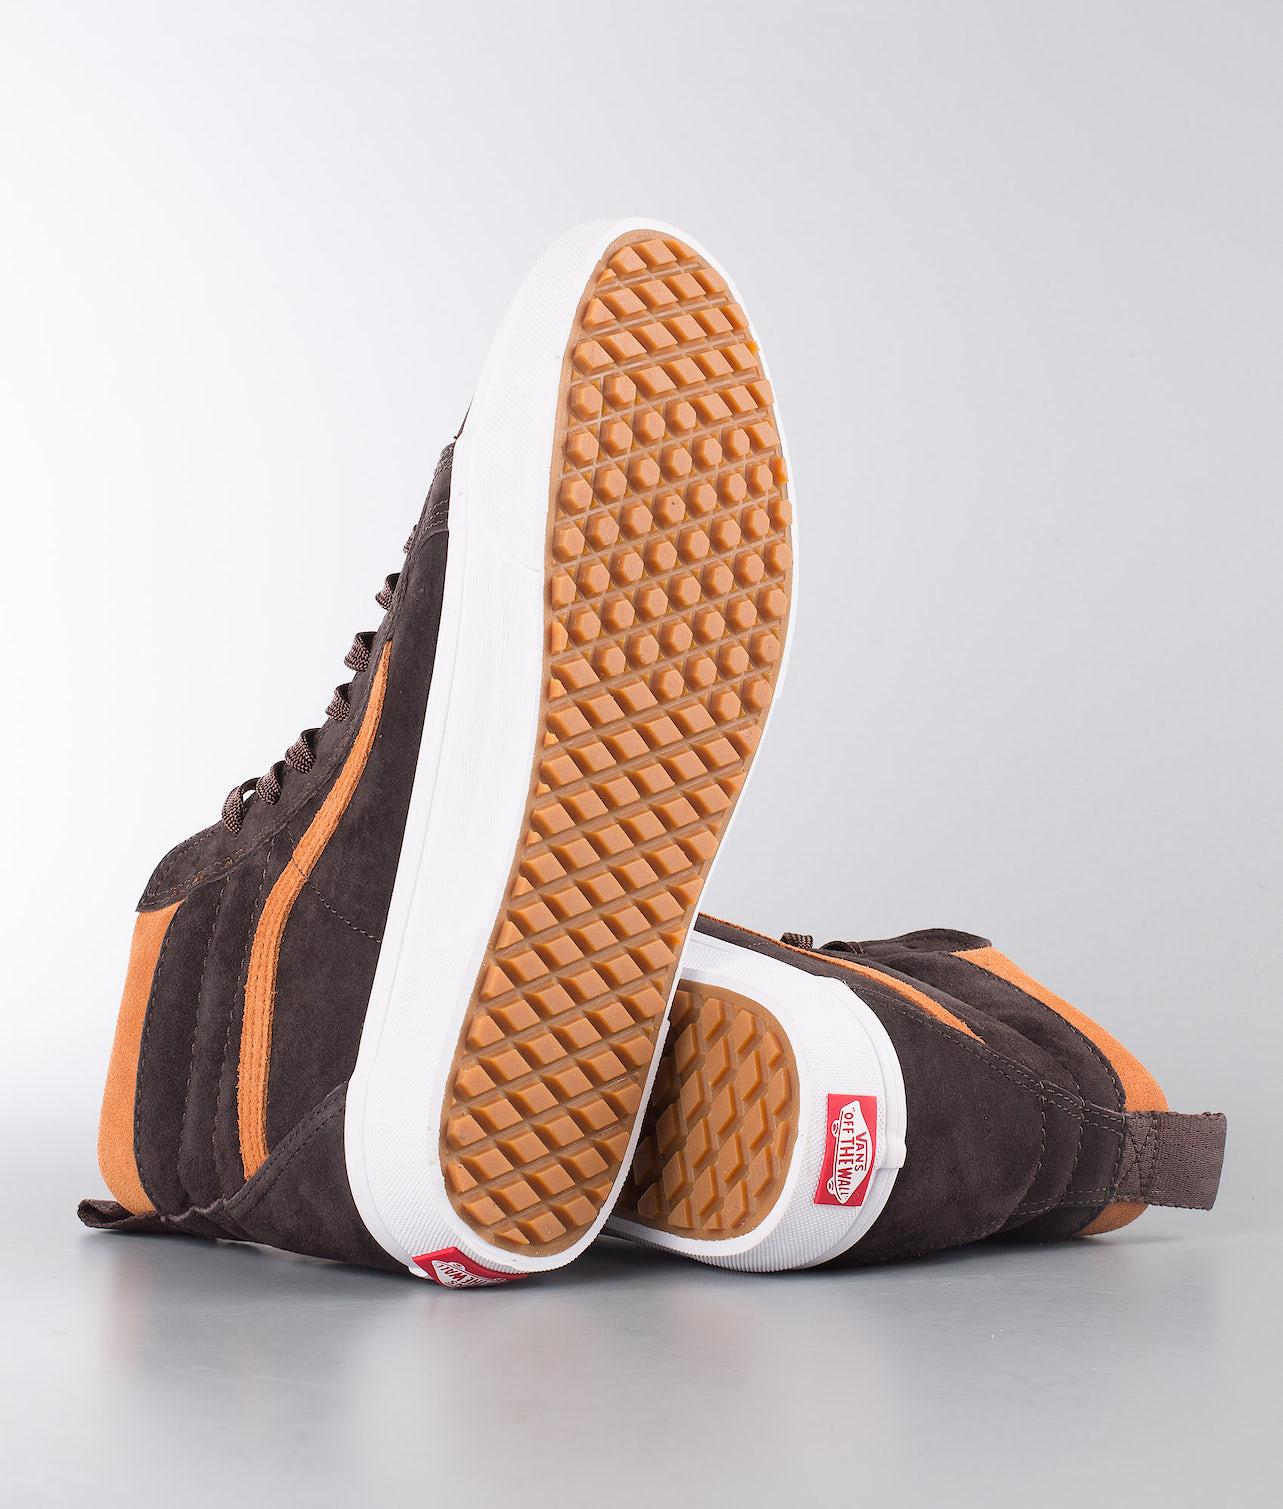 Köp Sk8-Hi Mte Skor från Vans på Ridestore.se Hos oss har du alltid fri frakt, fri retur och 30 dagar öppet köp!